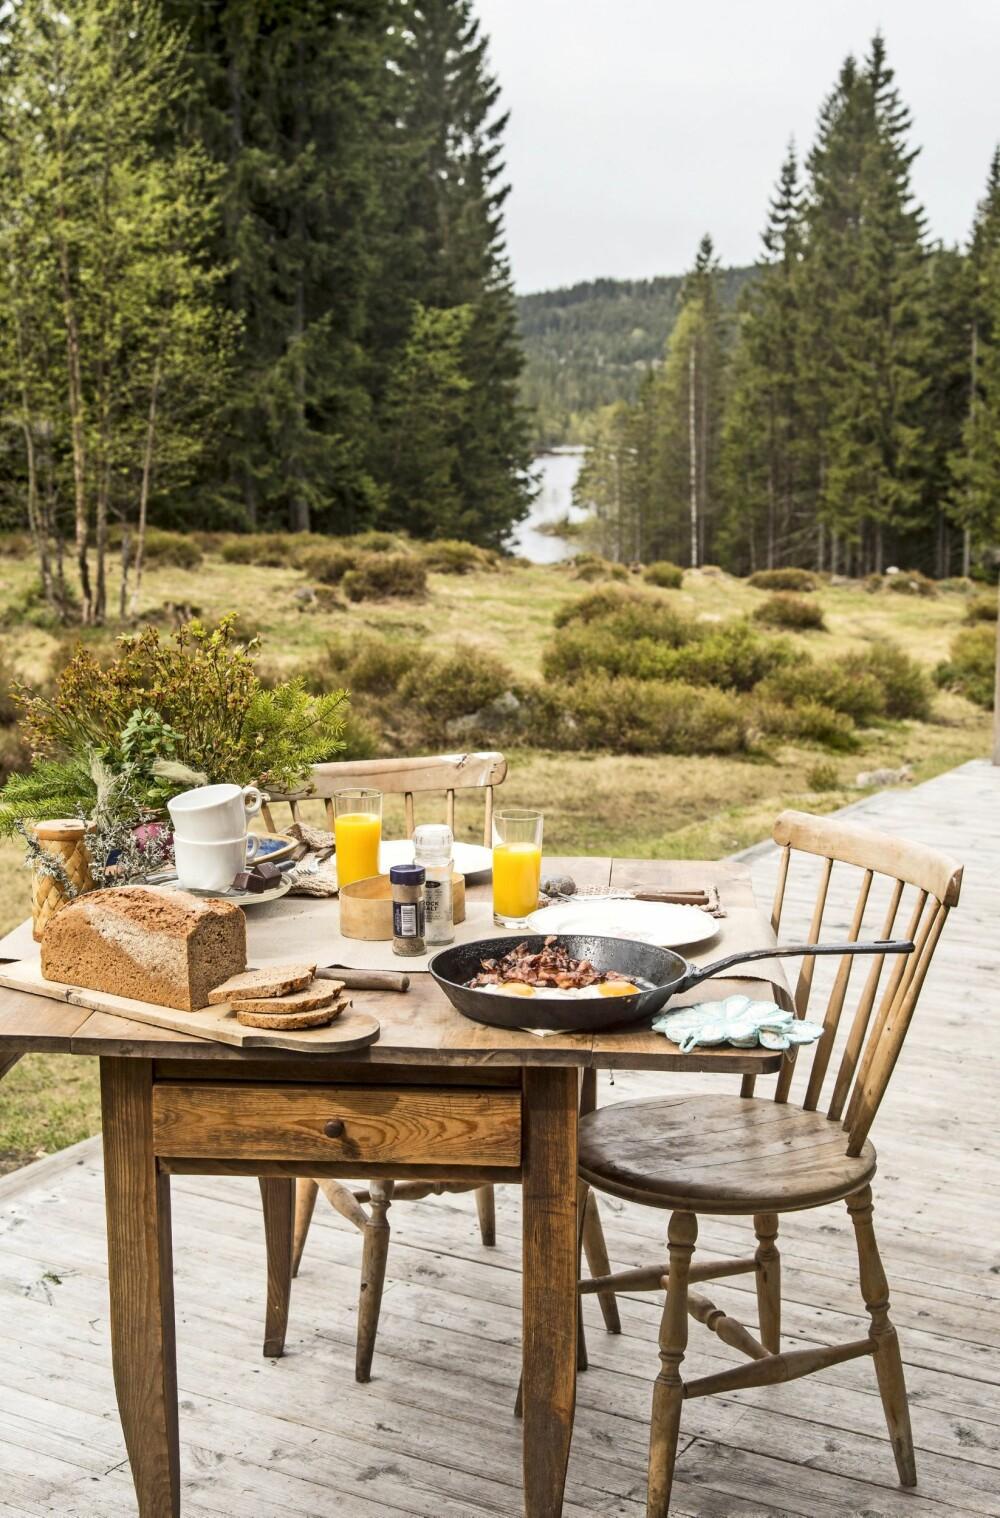 UTE TIL LUNSJ: Det er klart for utelunsj på plattingen med nykokt kaffe, egg og bacon.